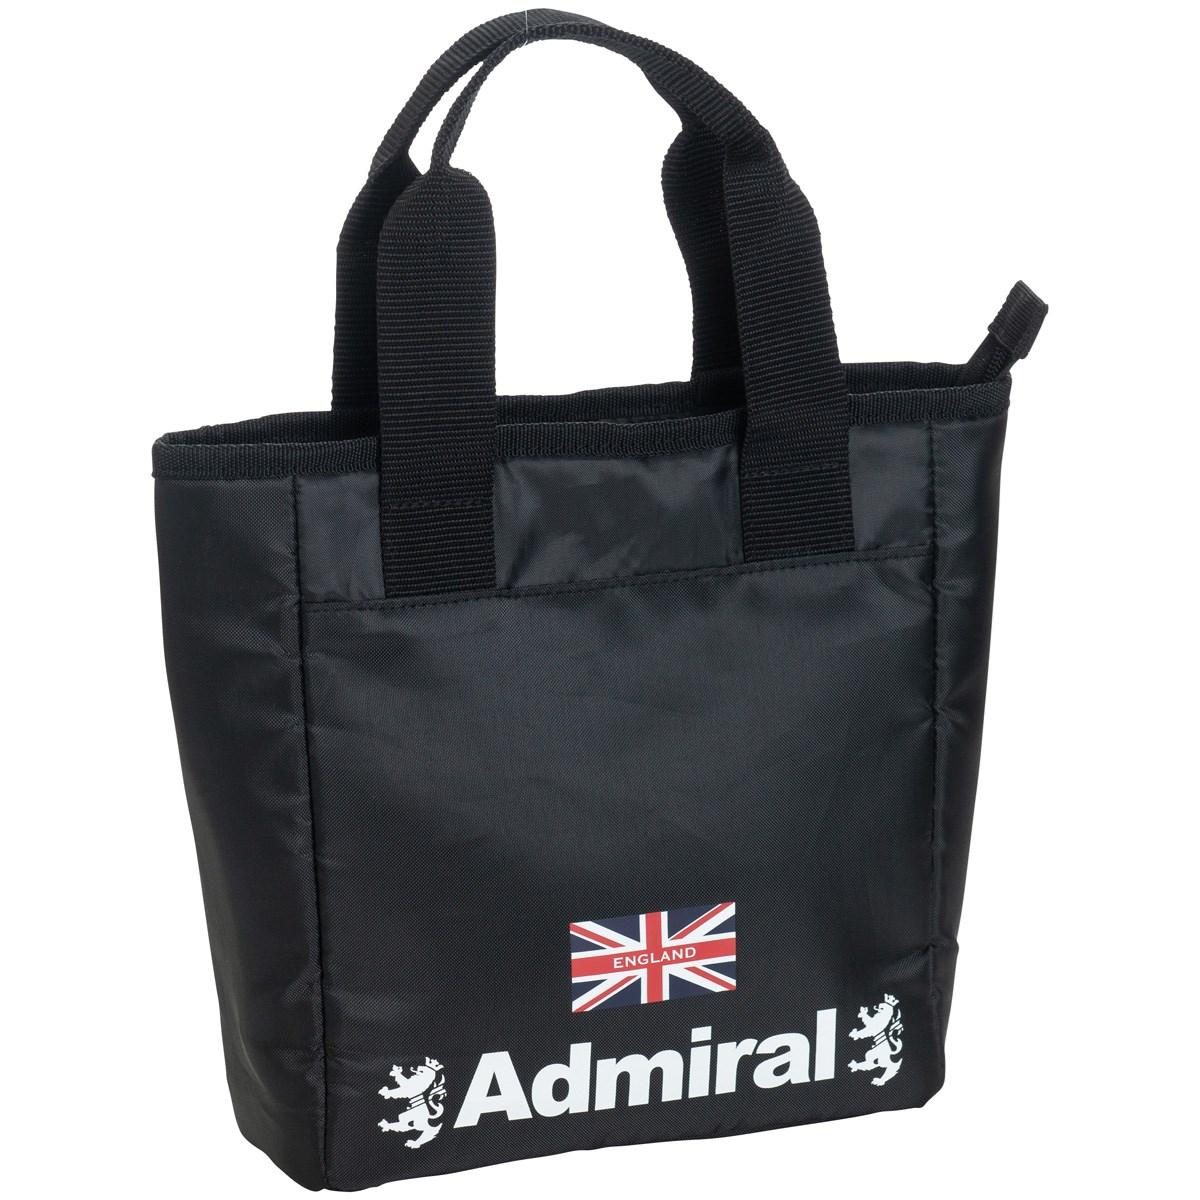 アドミラル Admiral 保冷機能付きトートバッグ ブラック 10